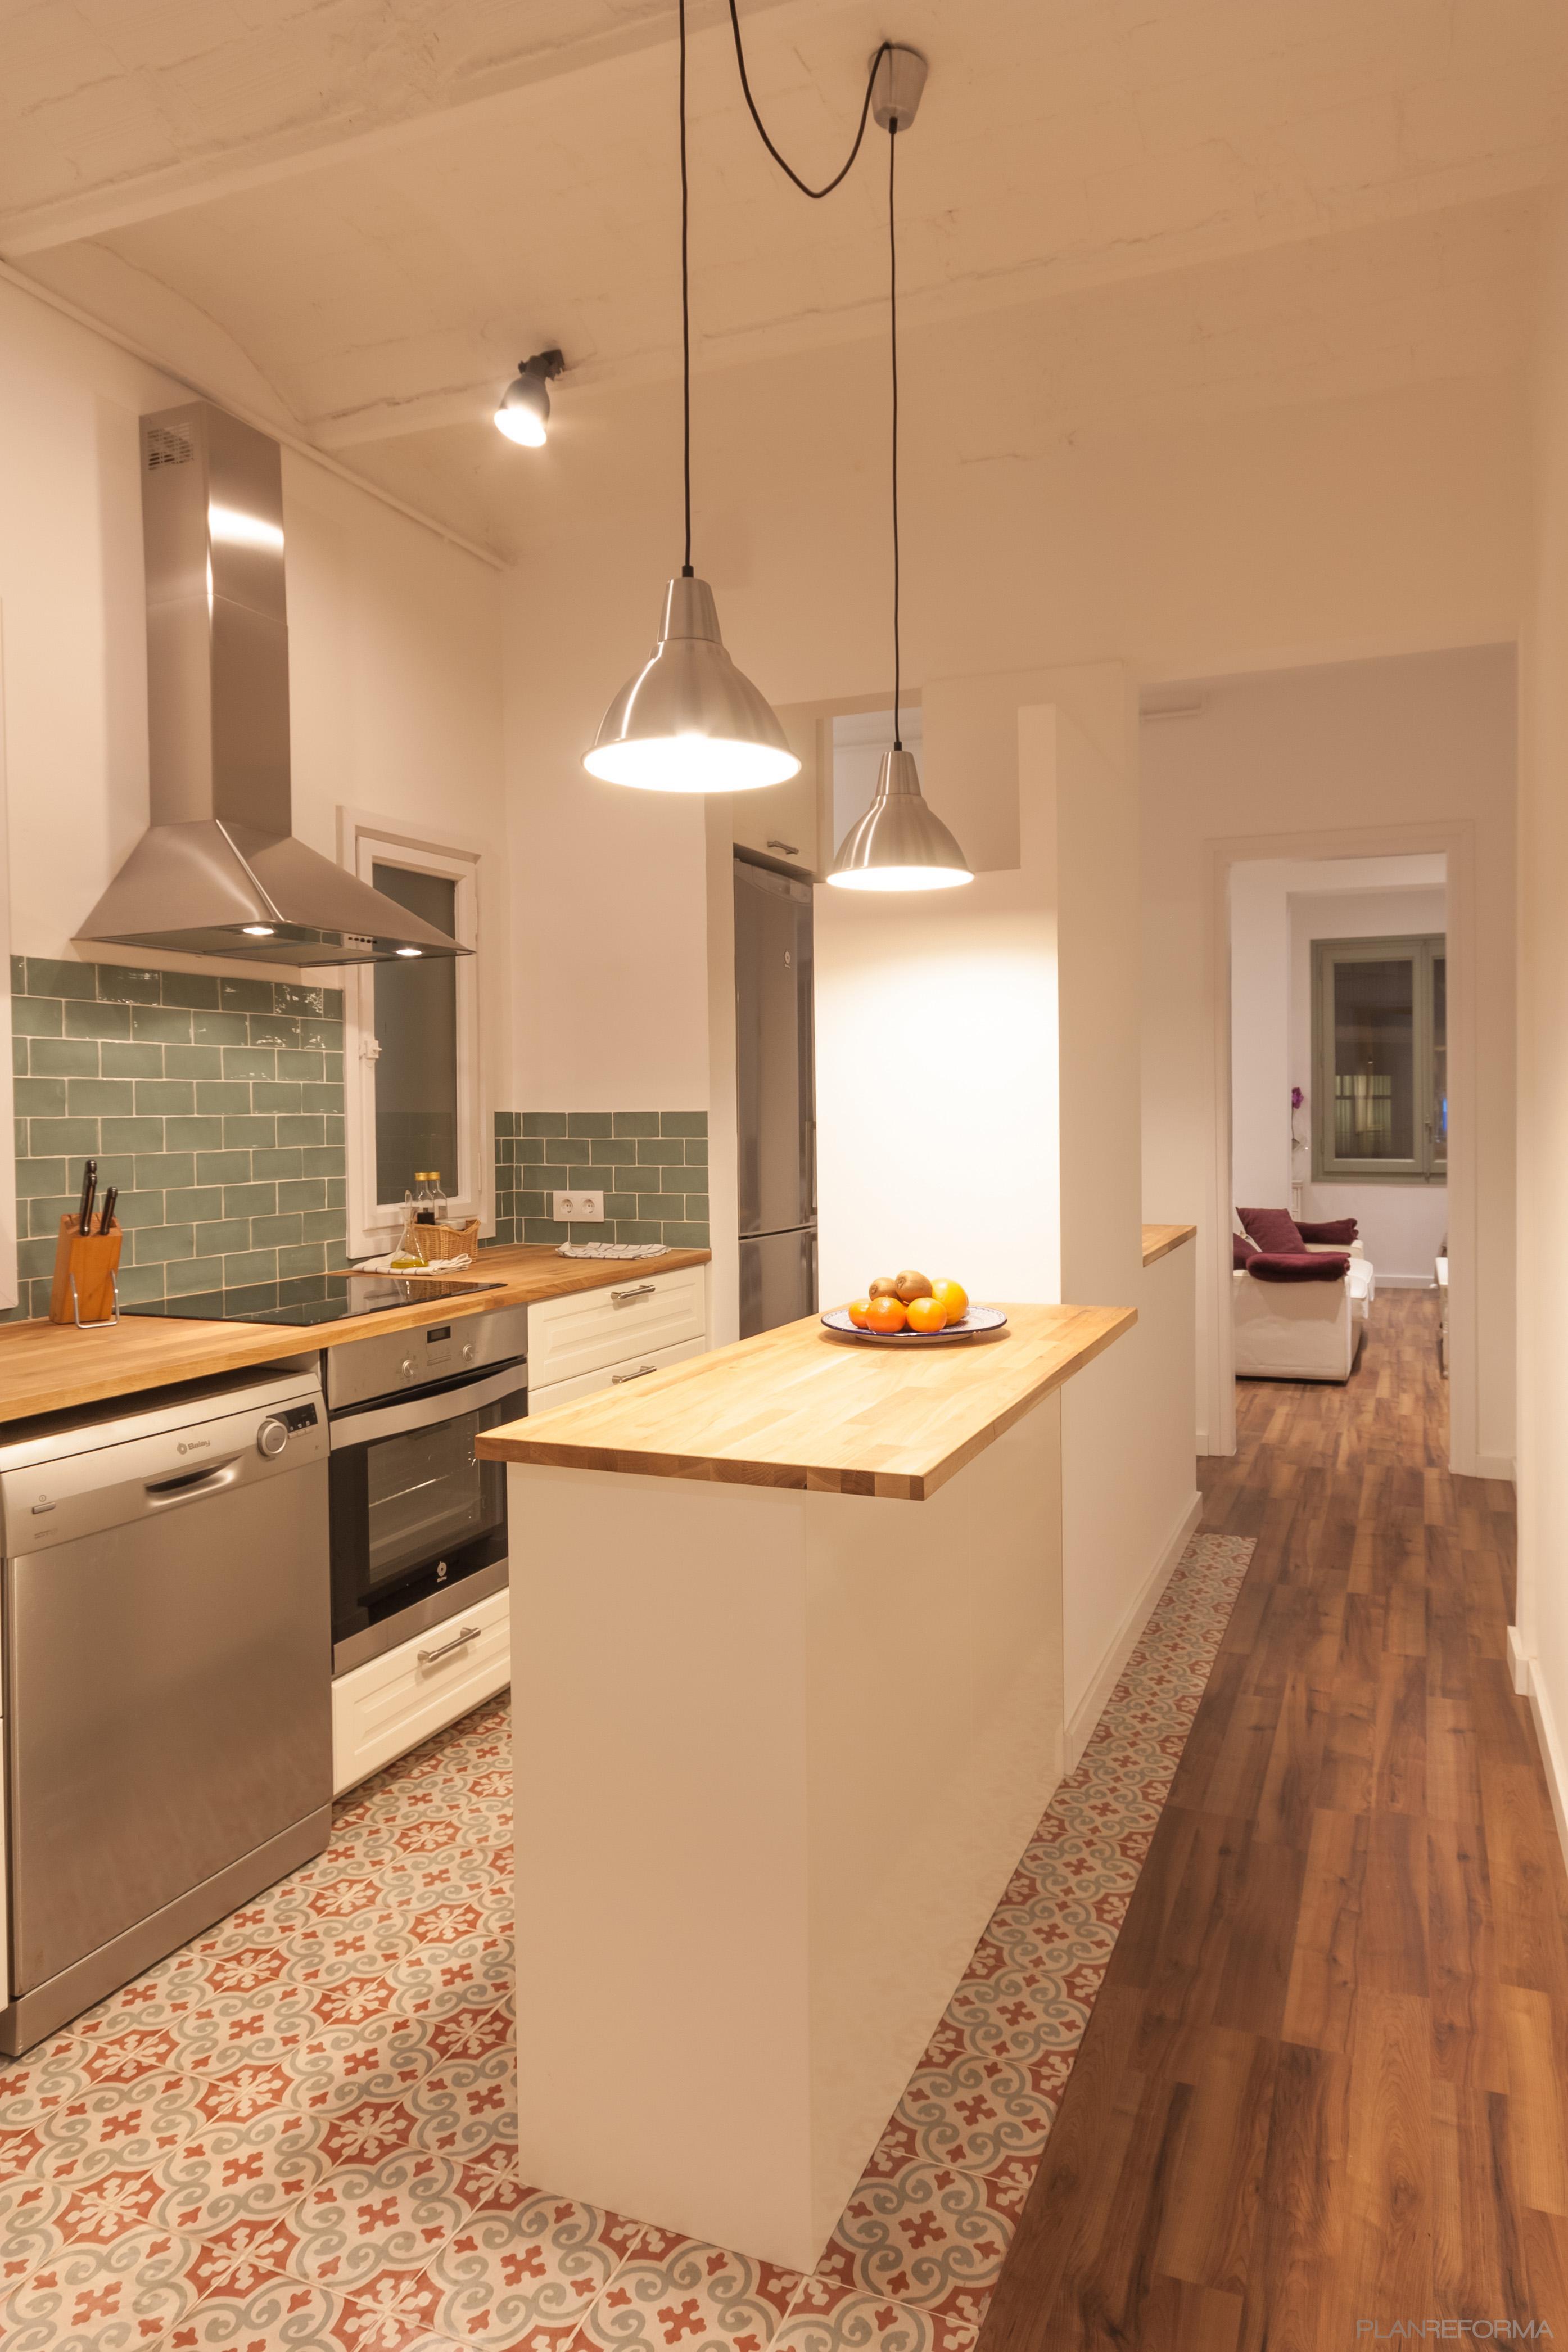 Cocina Estilo vintage Color rojo, verde, marron  diseñado por LAURA COMA FUSTÉ | Arquitecto | Copyright Soy propietaria